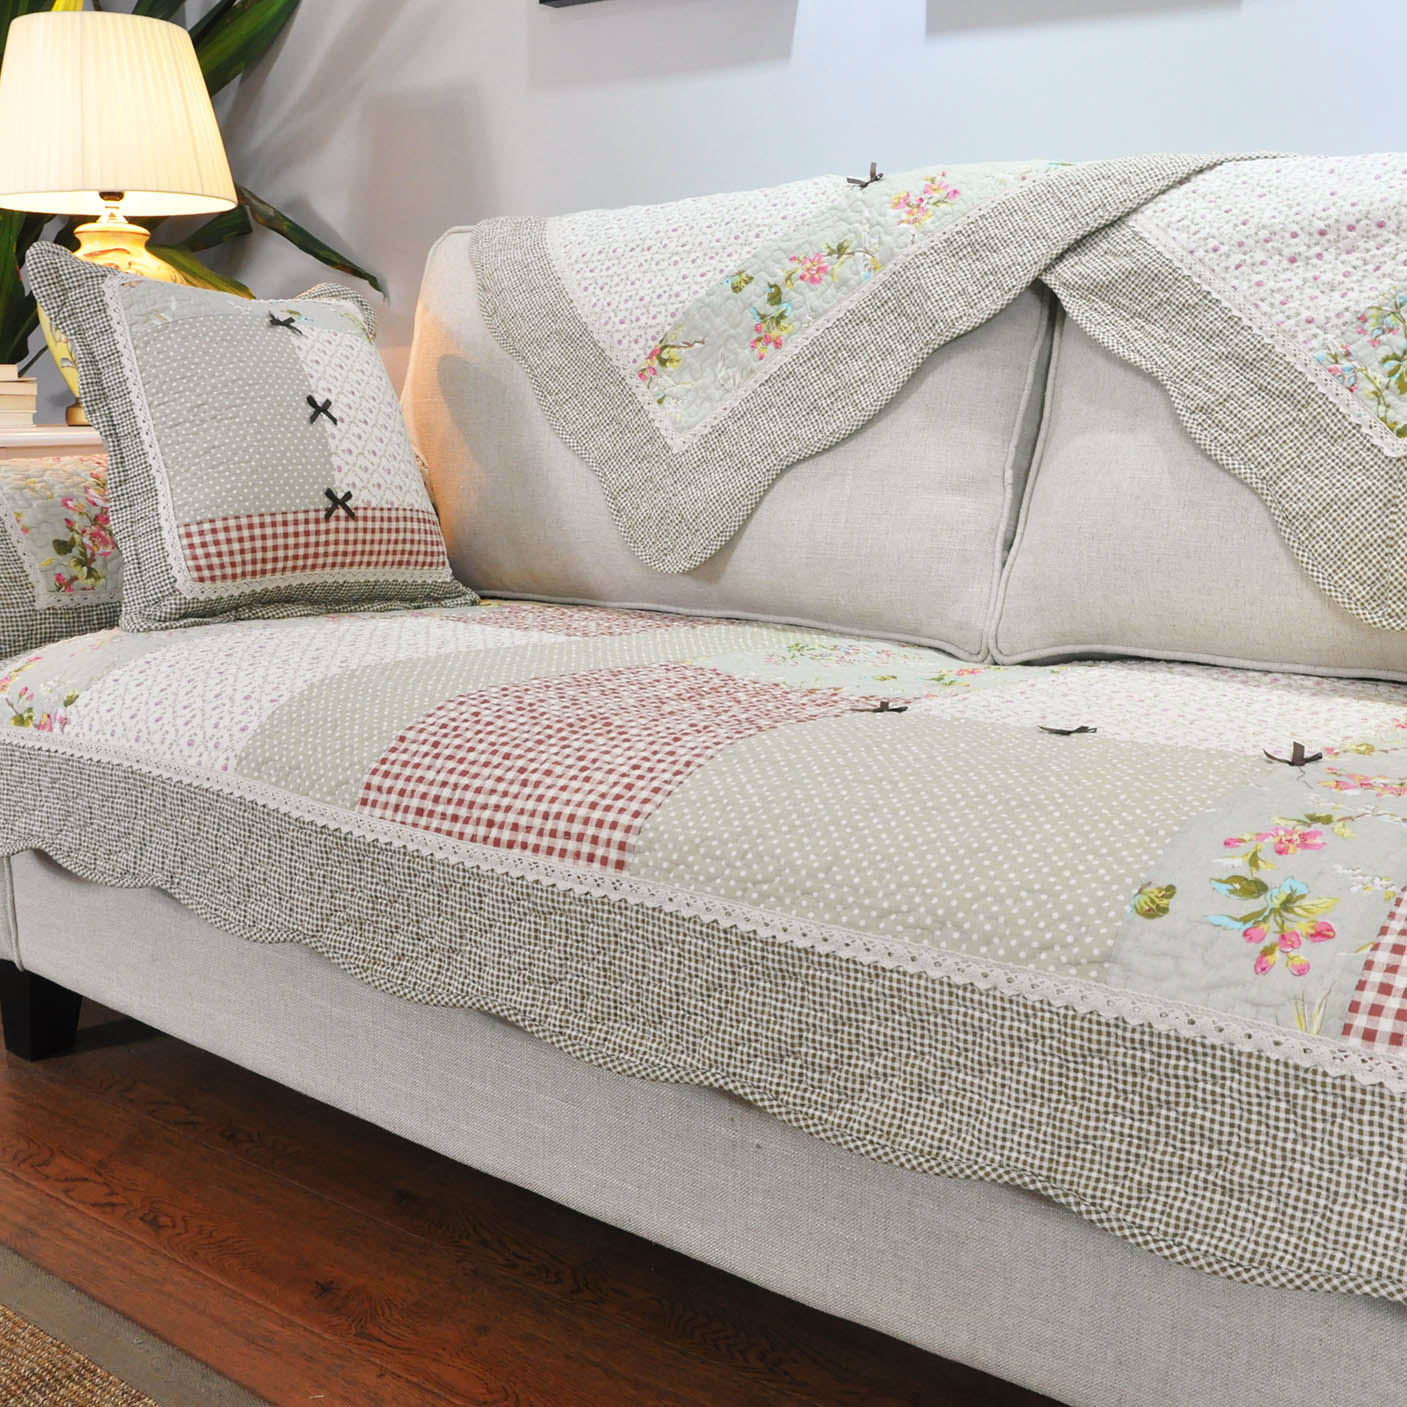 田園純棉拼布布藝 家用客廳四季通用全棉防滑沙發墊子 坐墊套罩